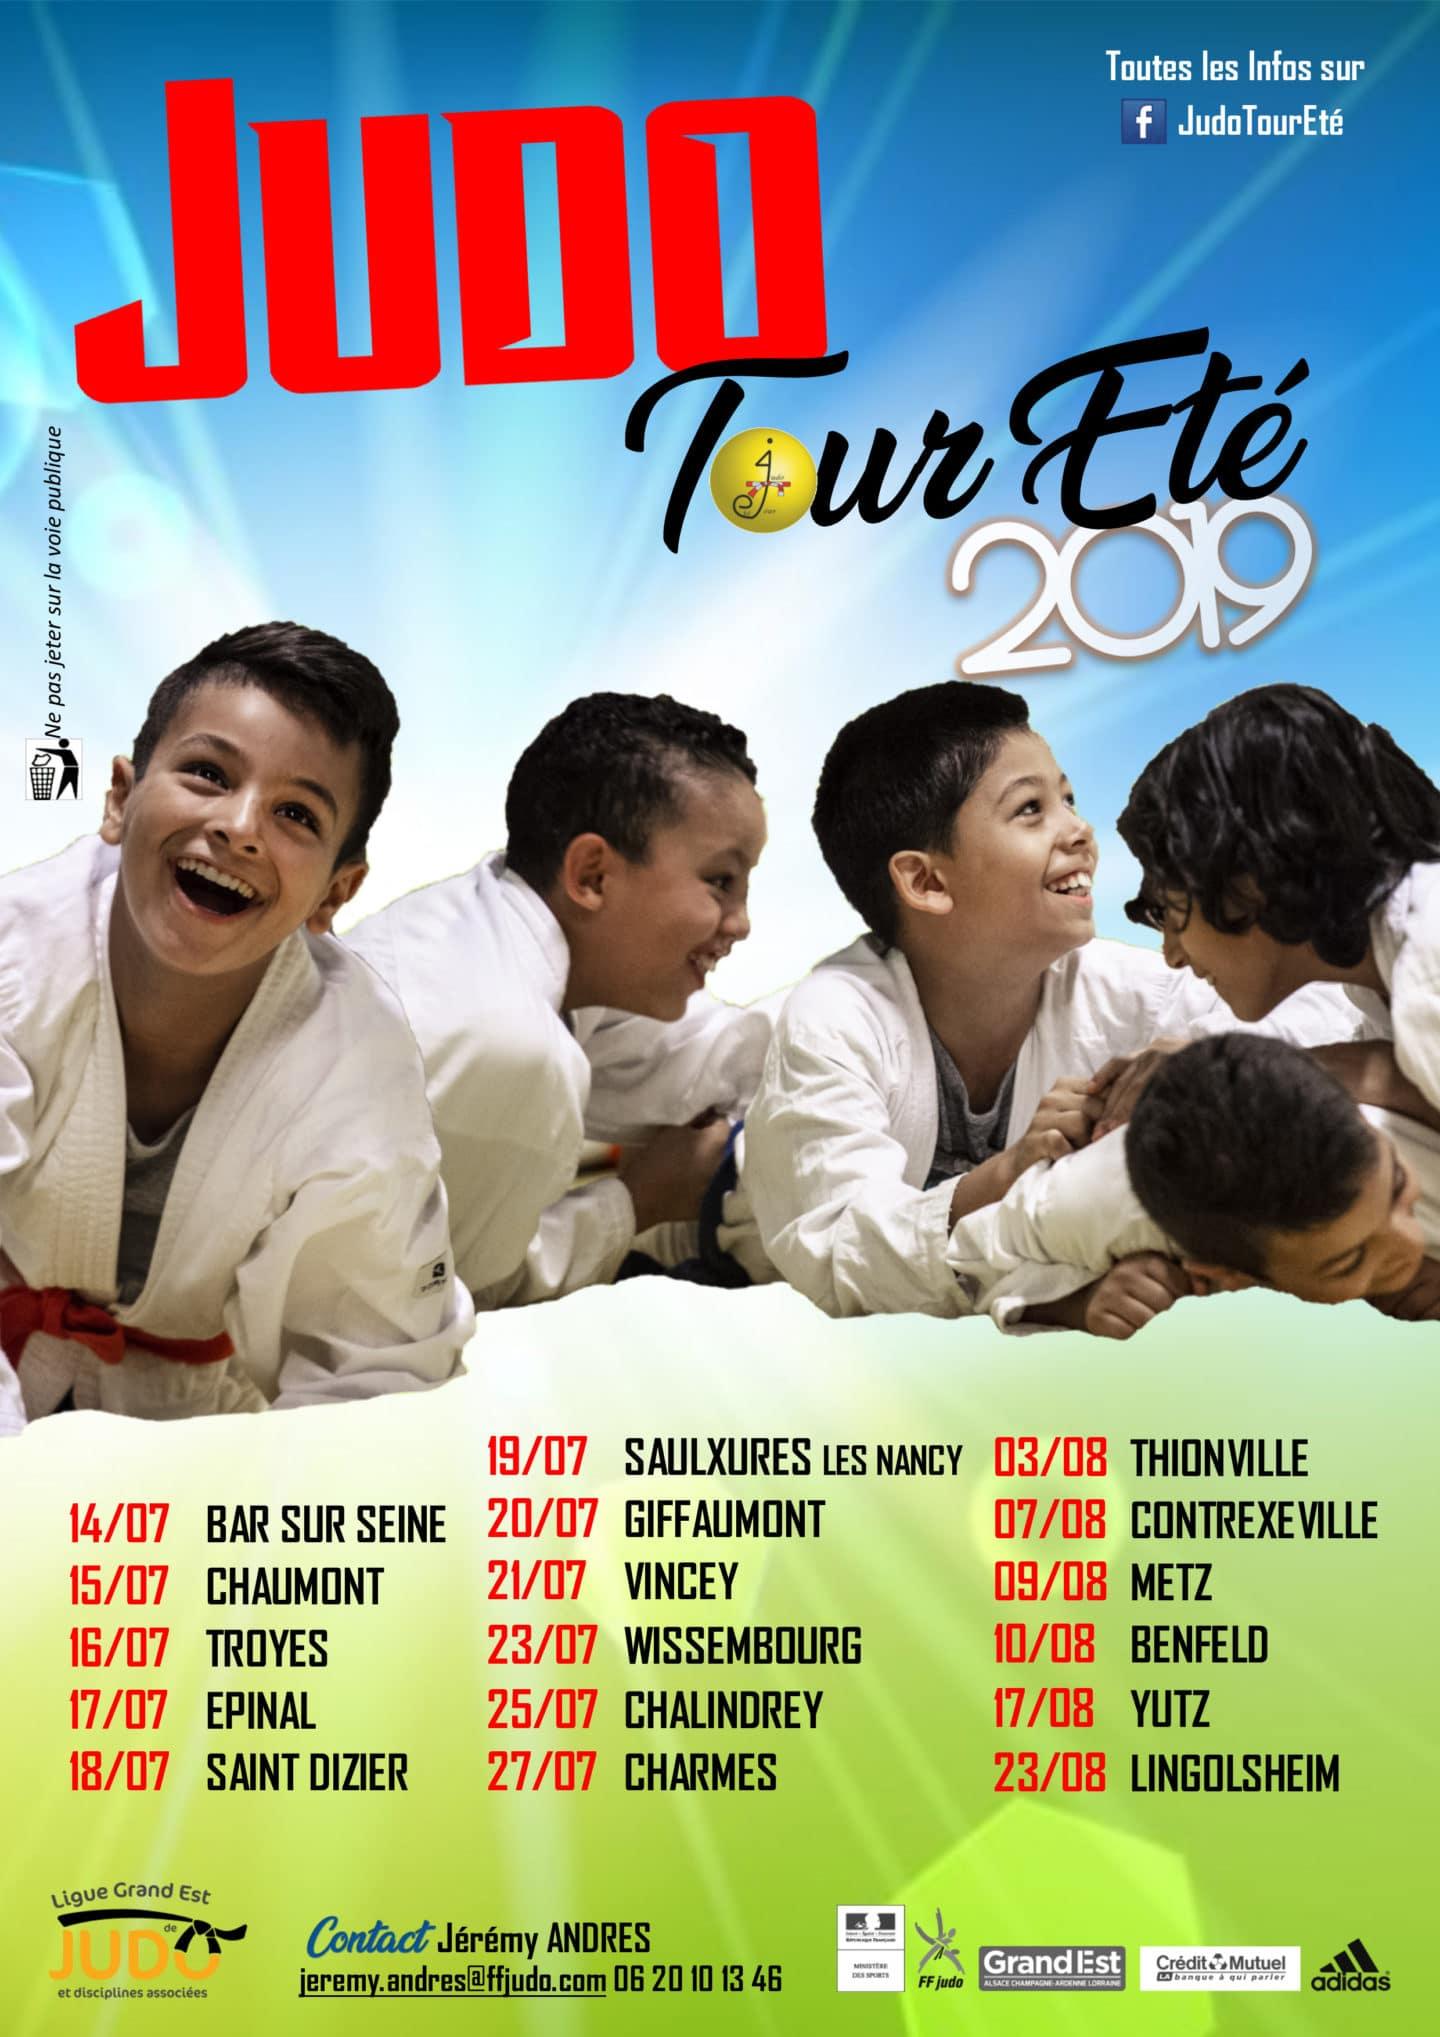 judo-tour-ete-2019-affiche-generale-copie